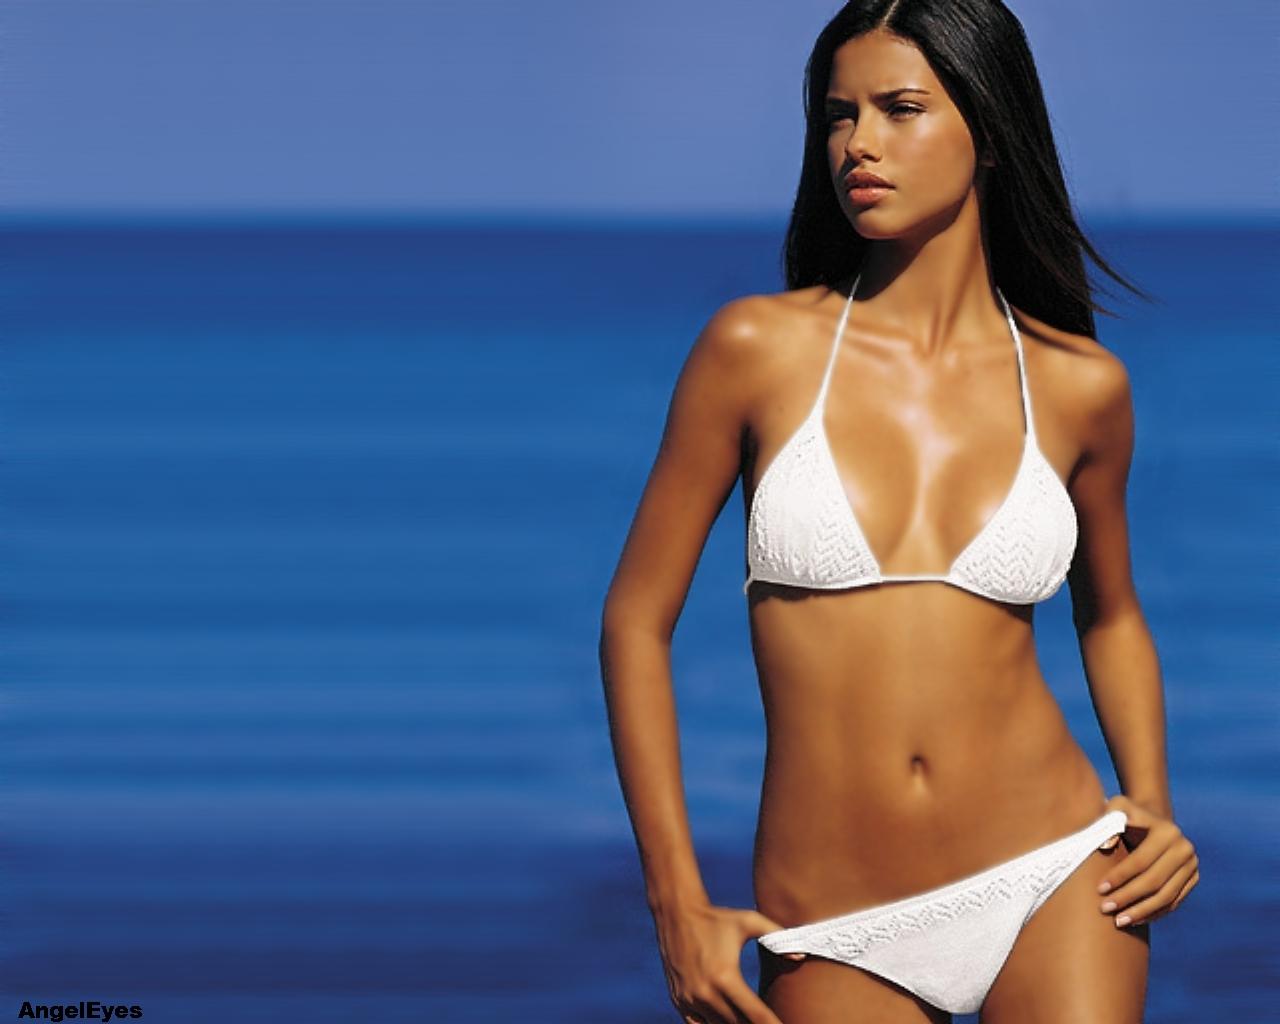 http://2.bp.blogspot.com/-JOE7Yr8NnFY/T4SZKNN0KuI/AAAAAAAAM3I/-eBlS8PnmKw/s1600/adriana_lima_171.jpg